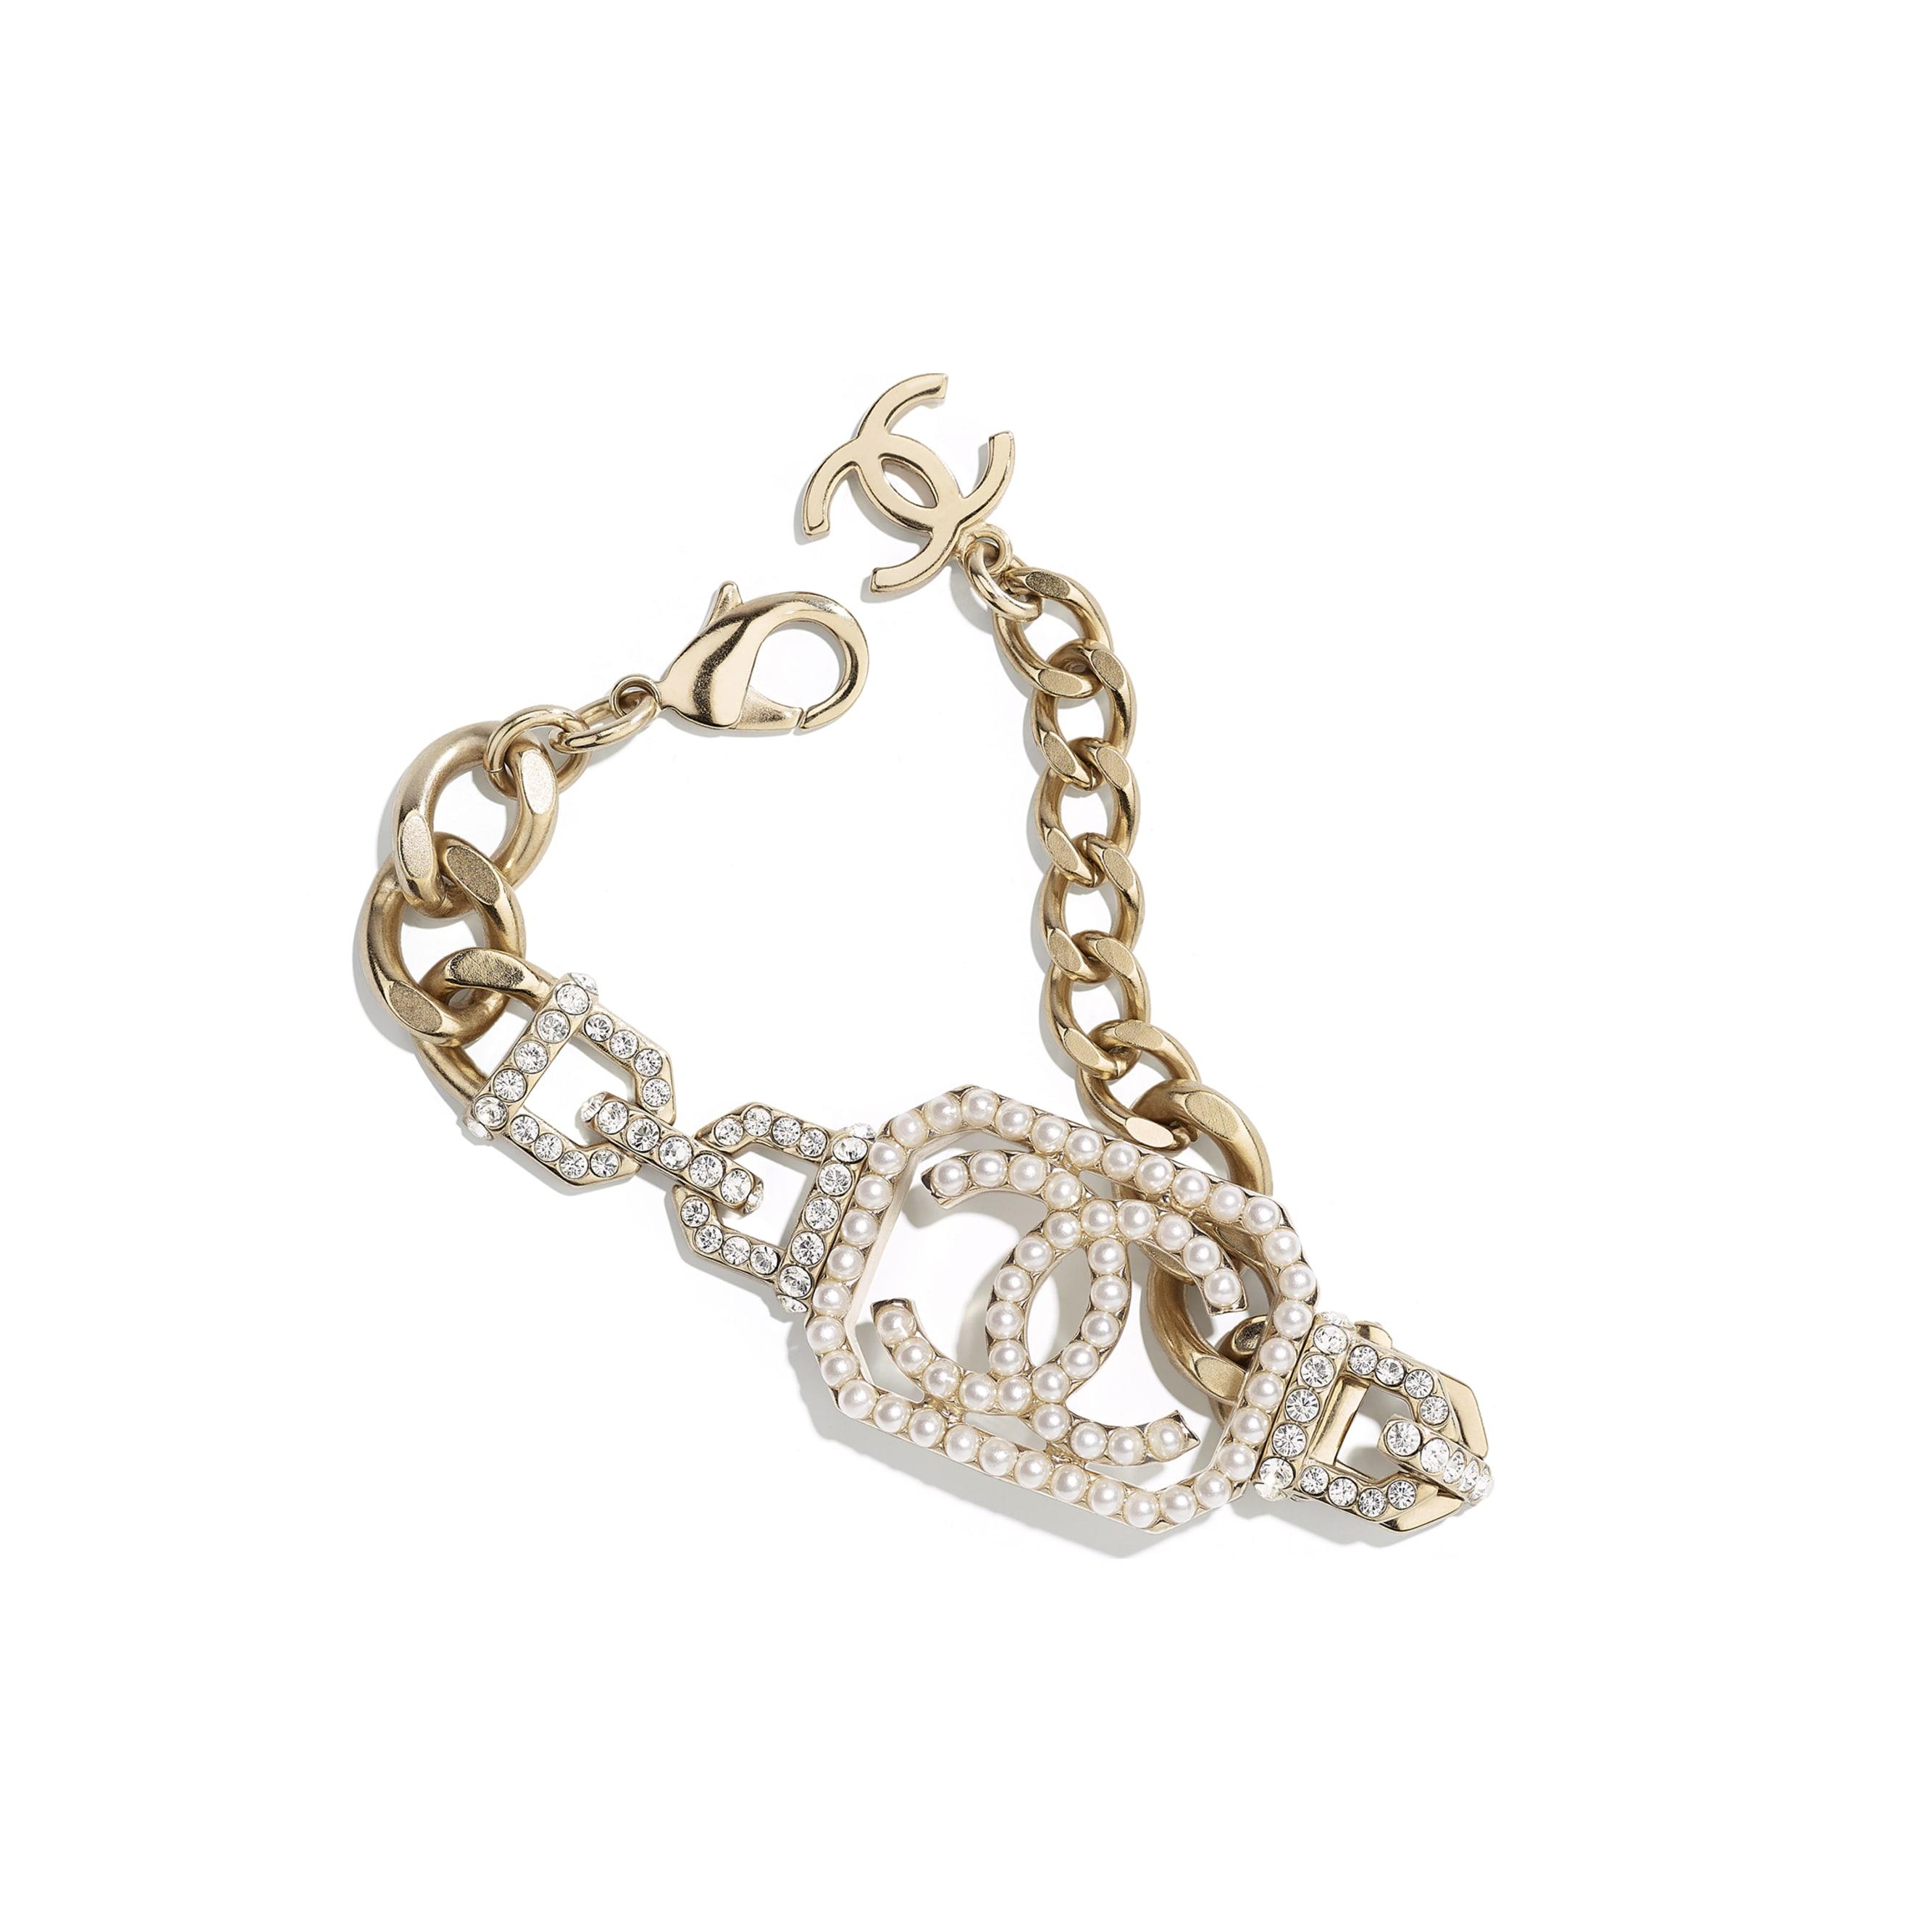 手鏈 - 金、珍珠白與水晶 - 金屬、幻象珍珠、水鑽 - 預設視圖 - 查看標準尺寸版本